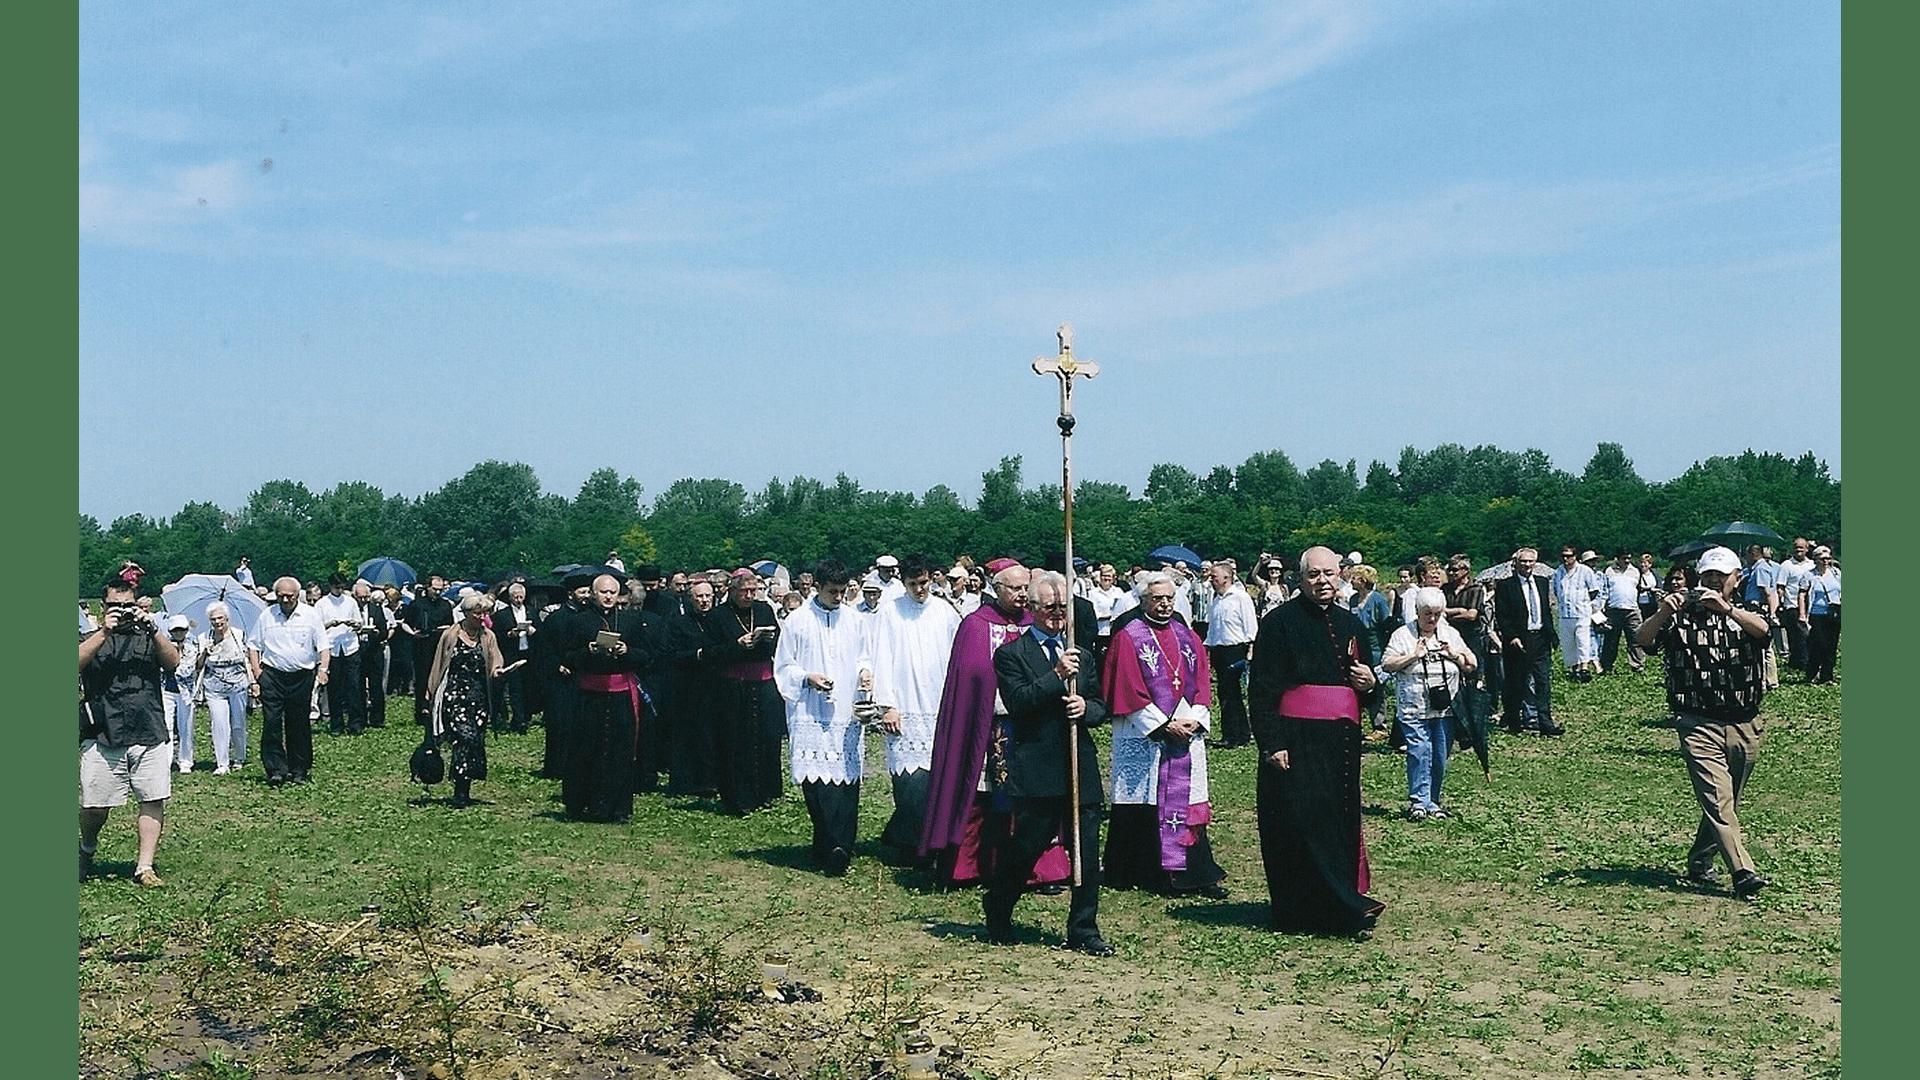 Prozession zu den 3 Massengräbern zur Einsegnung. Foto: Archiv Freundeskreis Filipowa